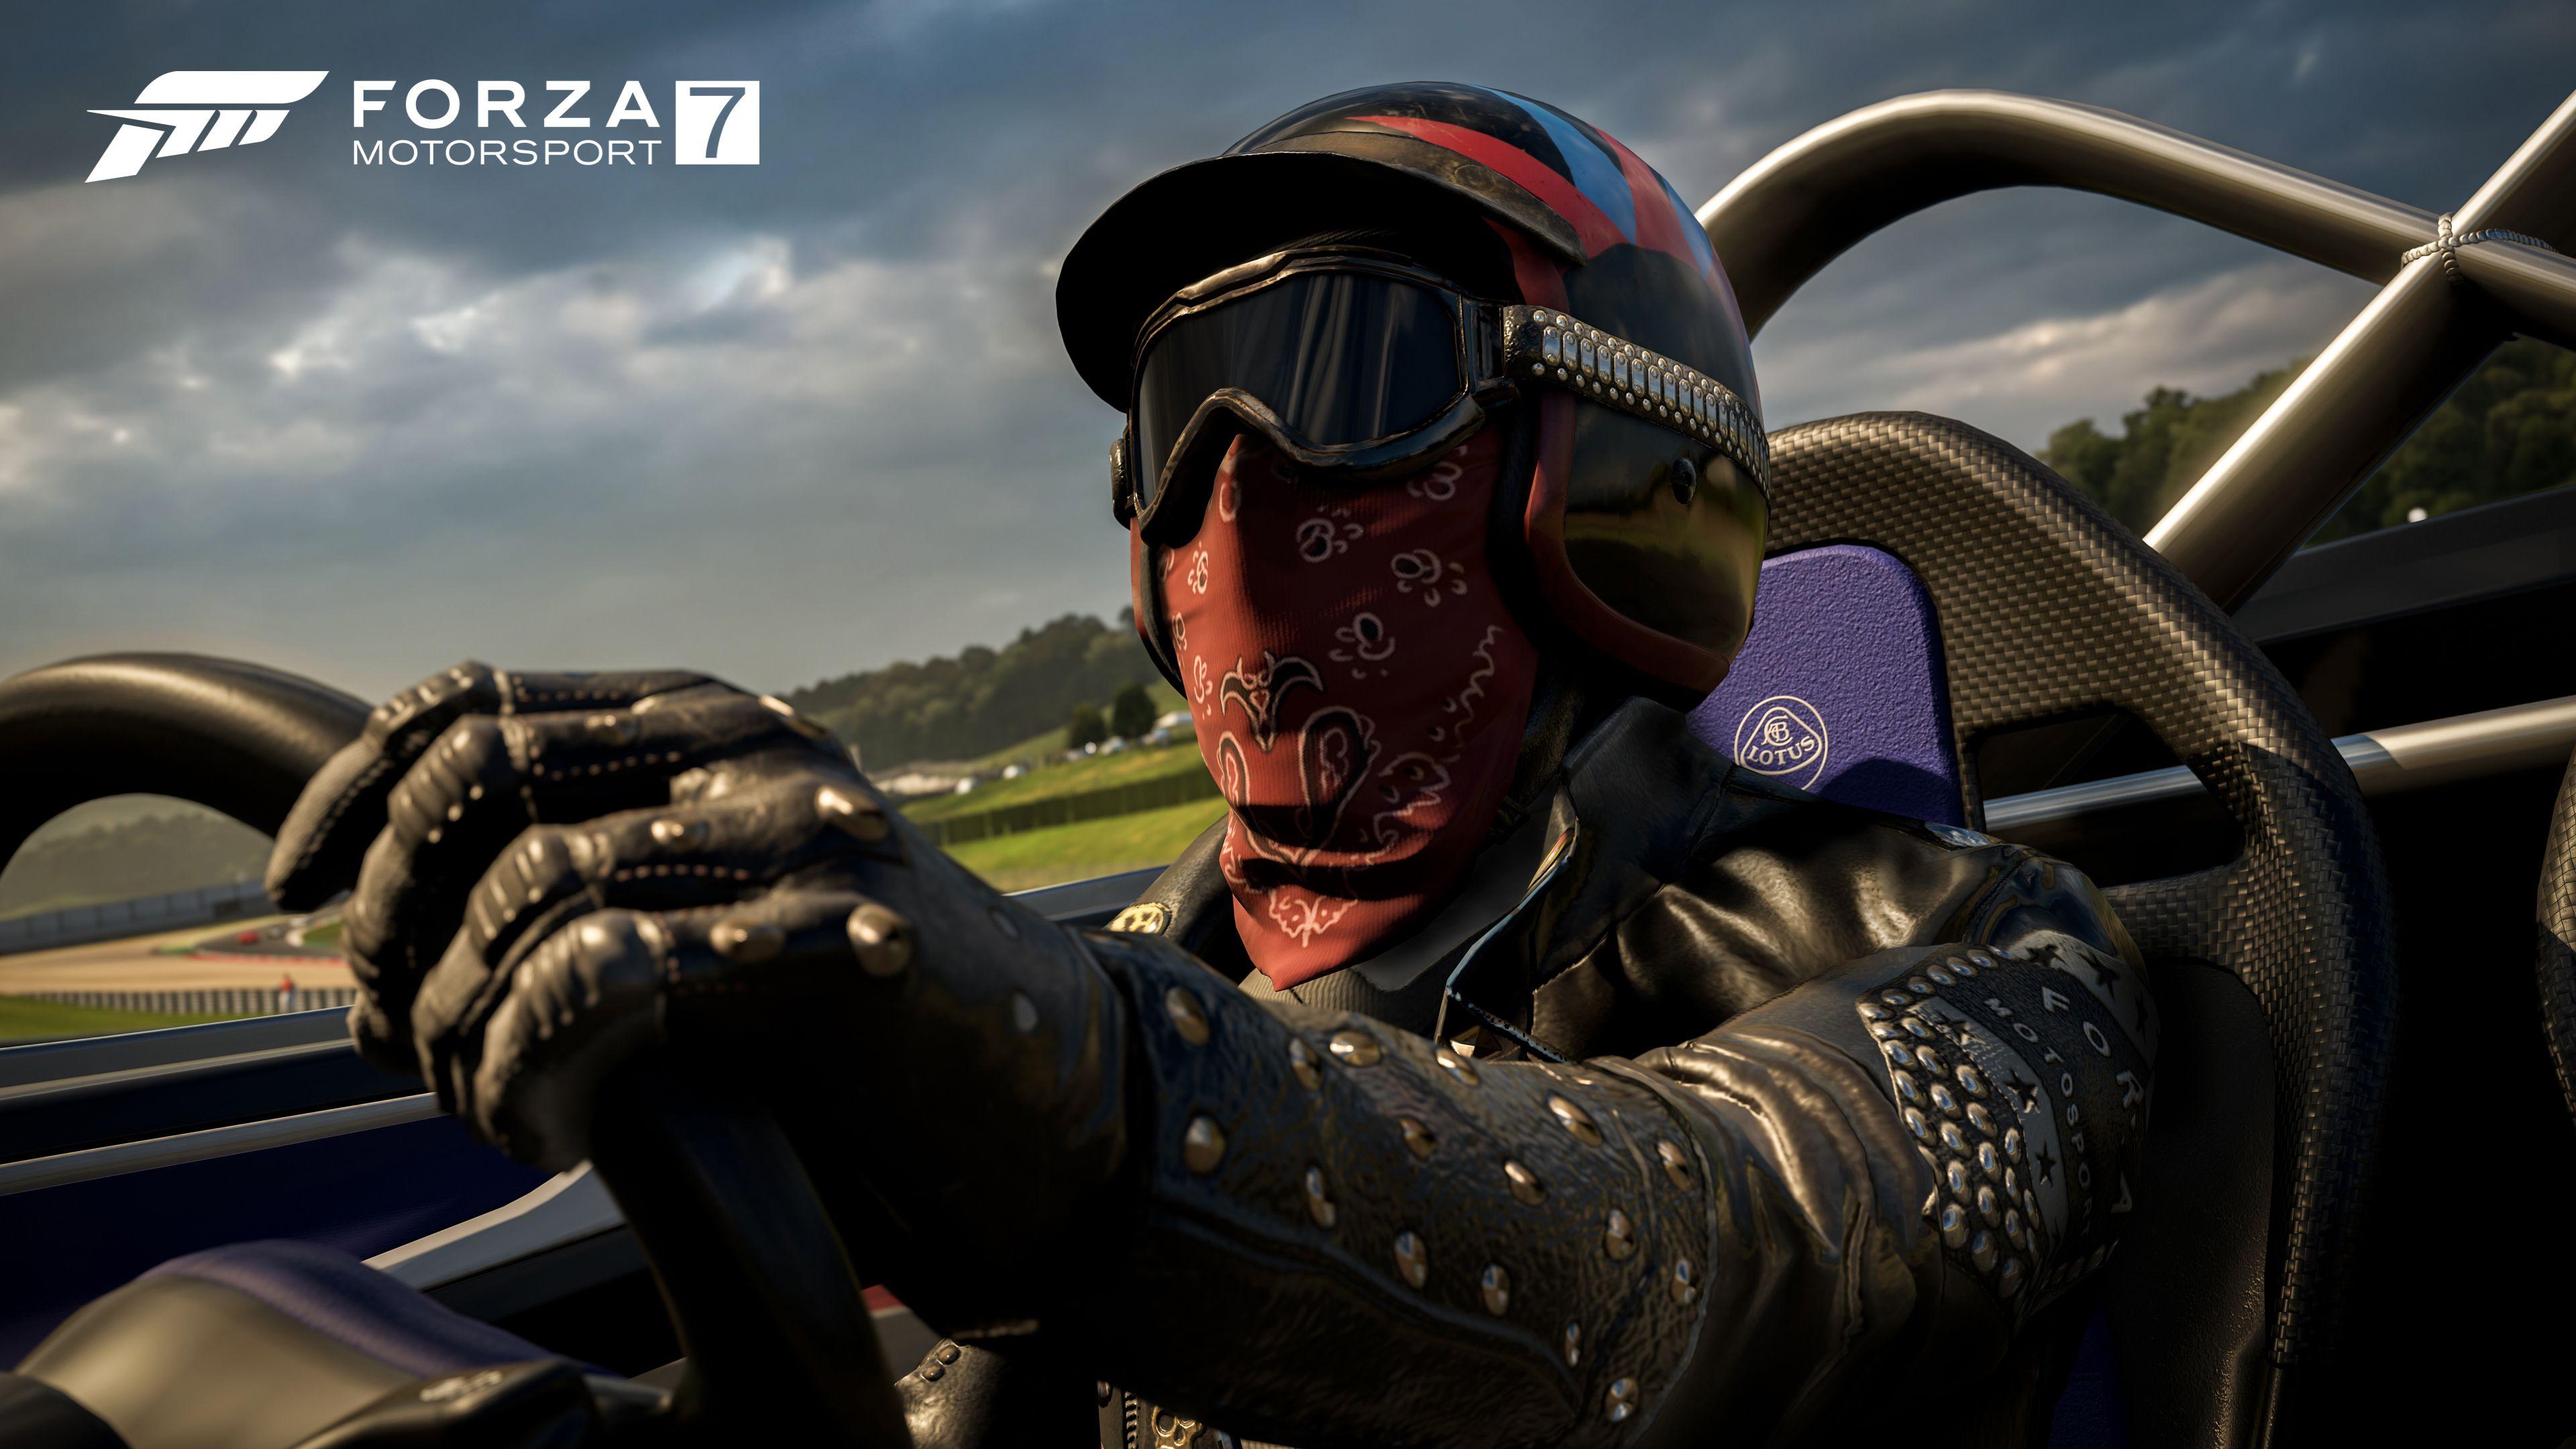 Forza Motorsport 7 - HW nároky, demo a obrázky 148641